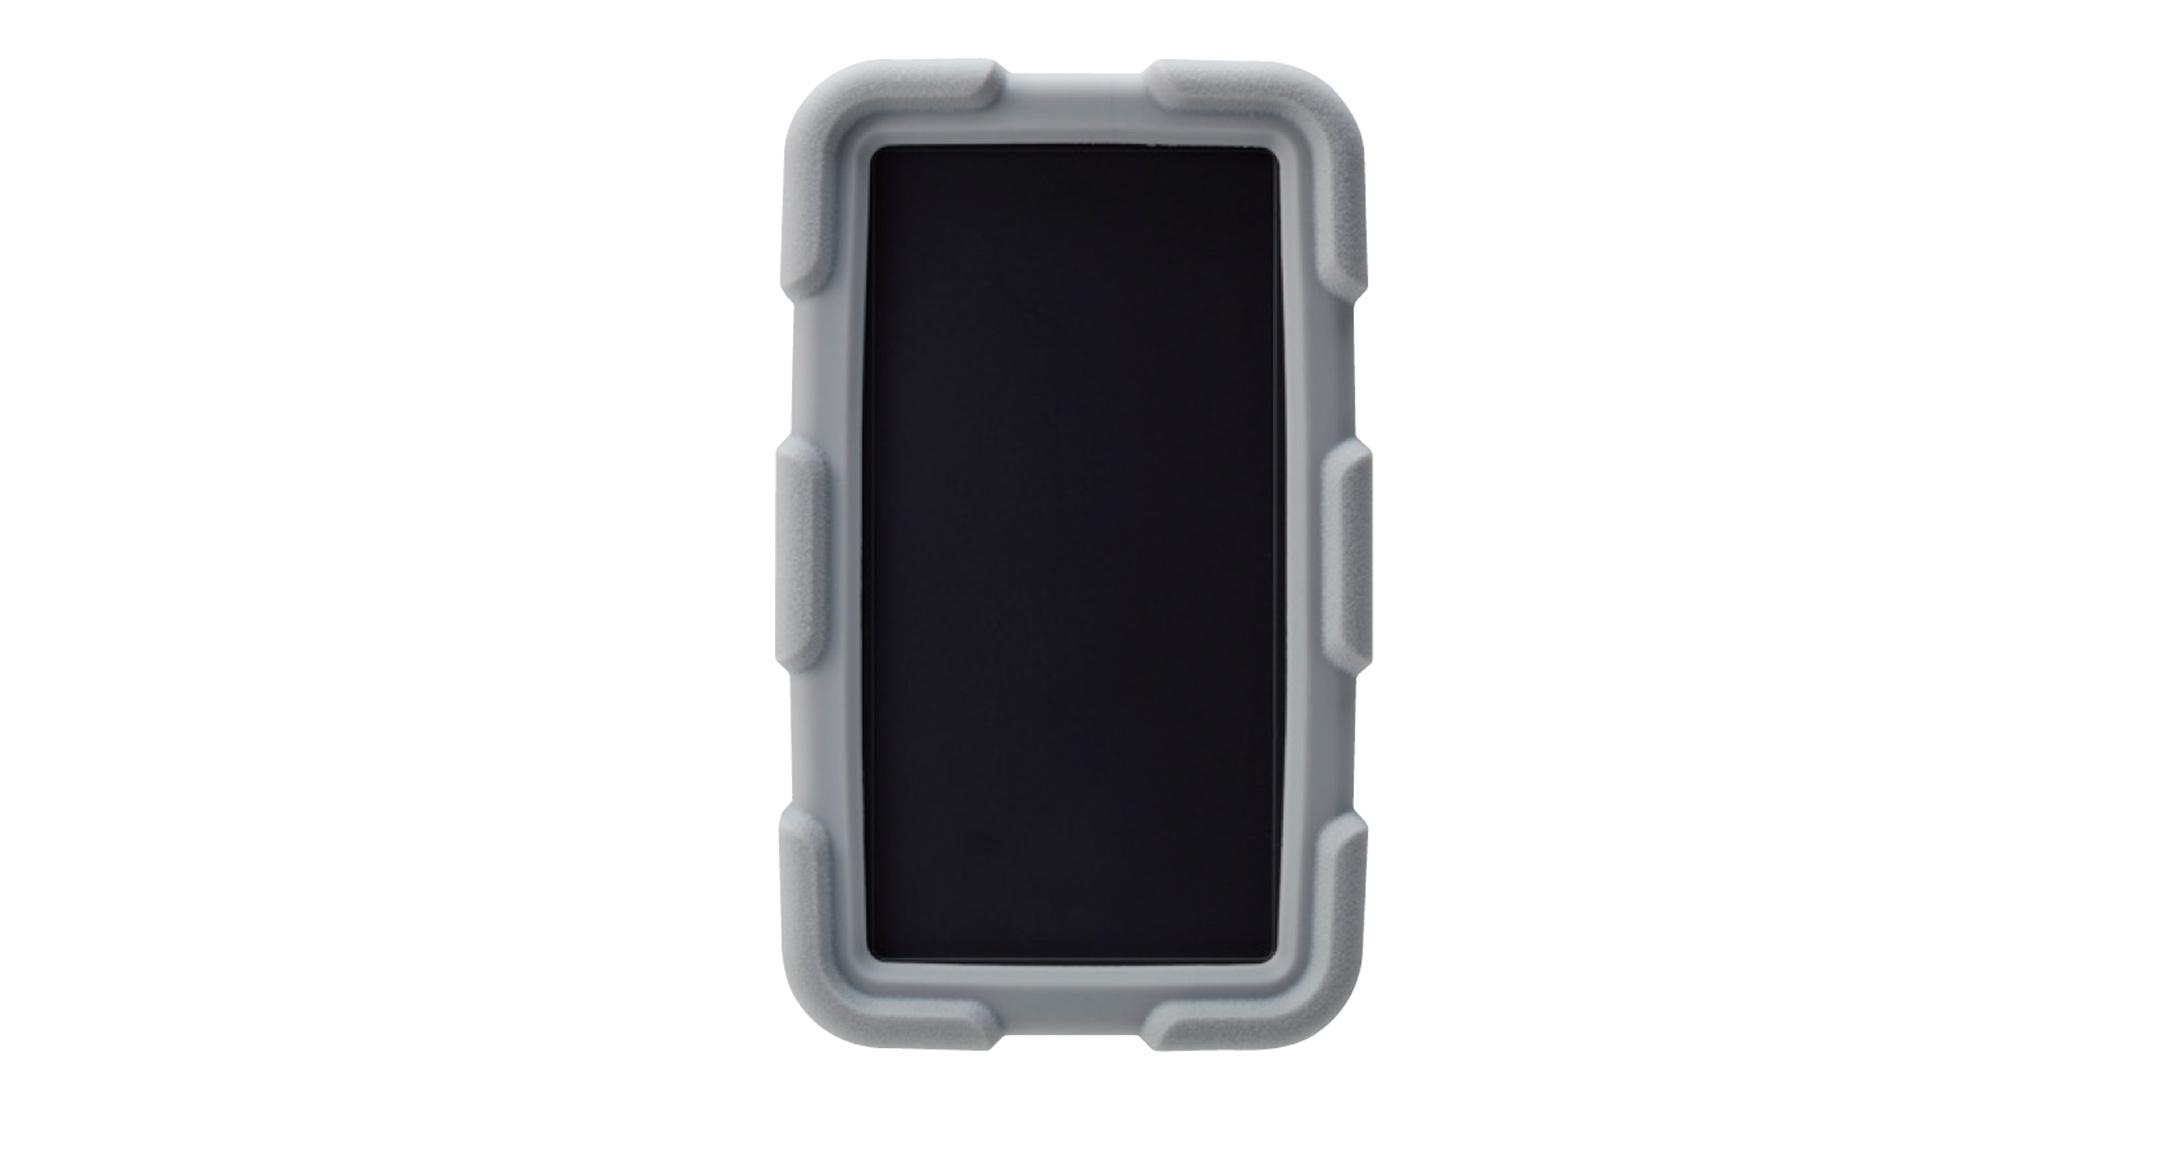 耐衝撃シリコンカバー付プラスチックケース LCTシリーズ:ダークグレー/ライトグレーの画像